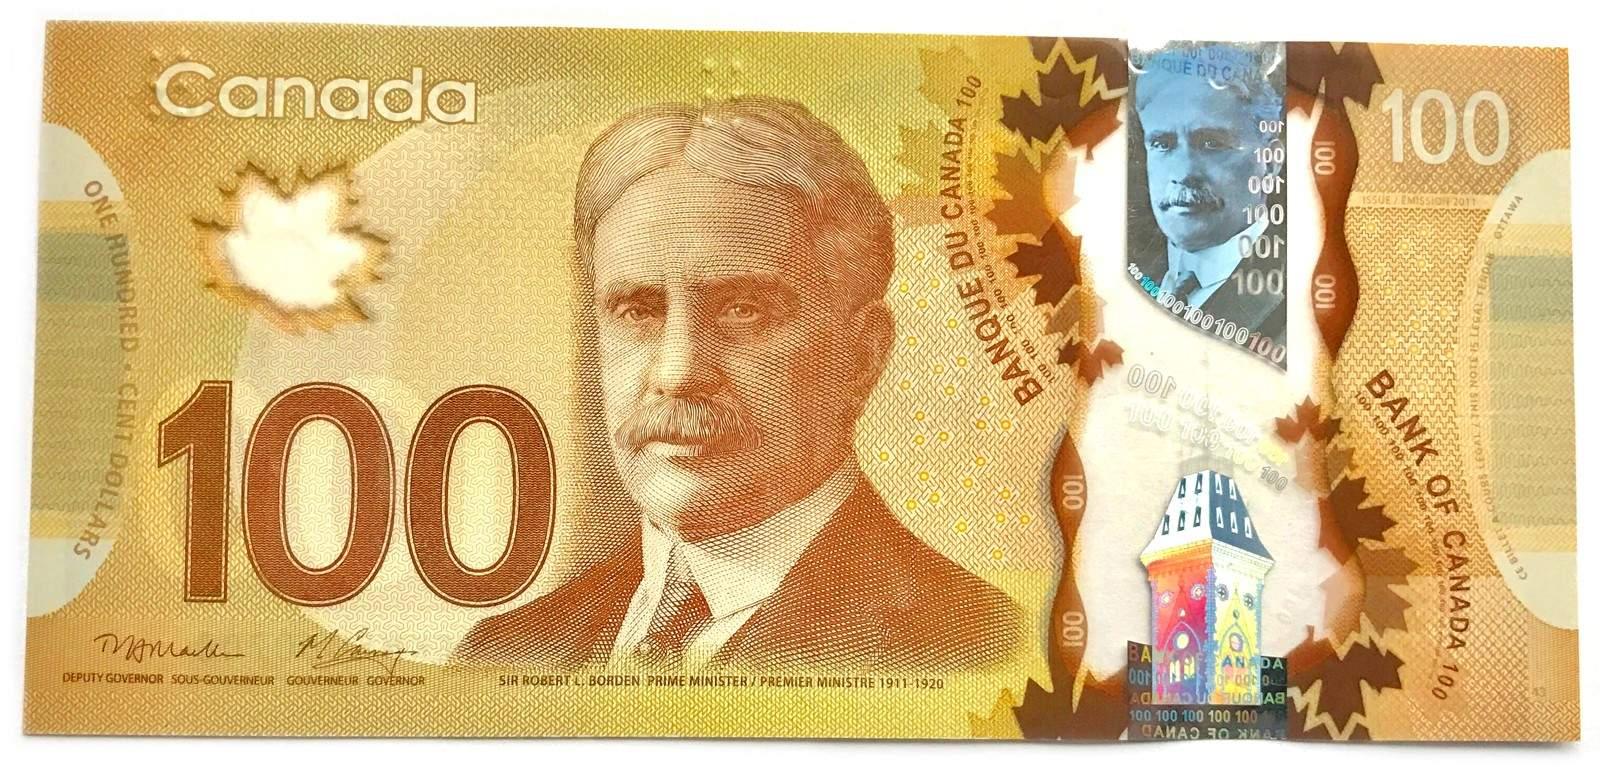 تصویر نخست وزیر کاناداRobert Bordenروی اسکناس 100 دلاری نقش بسته است